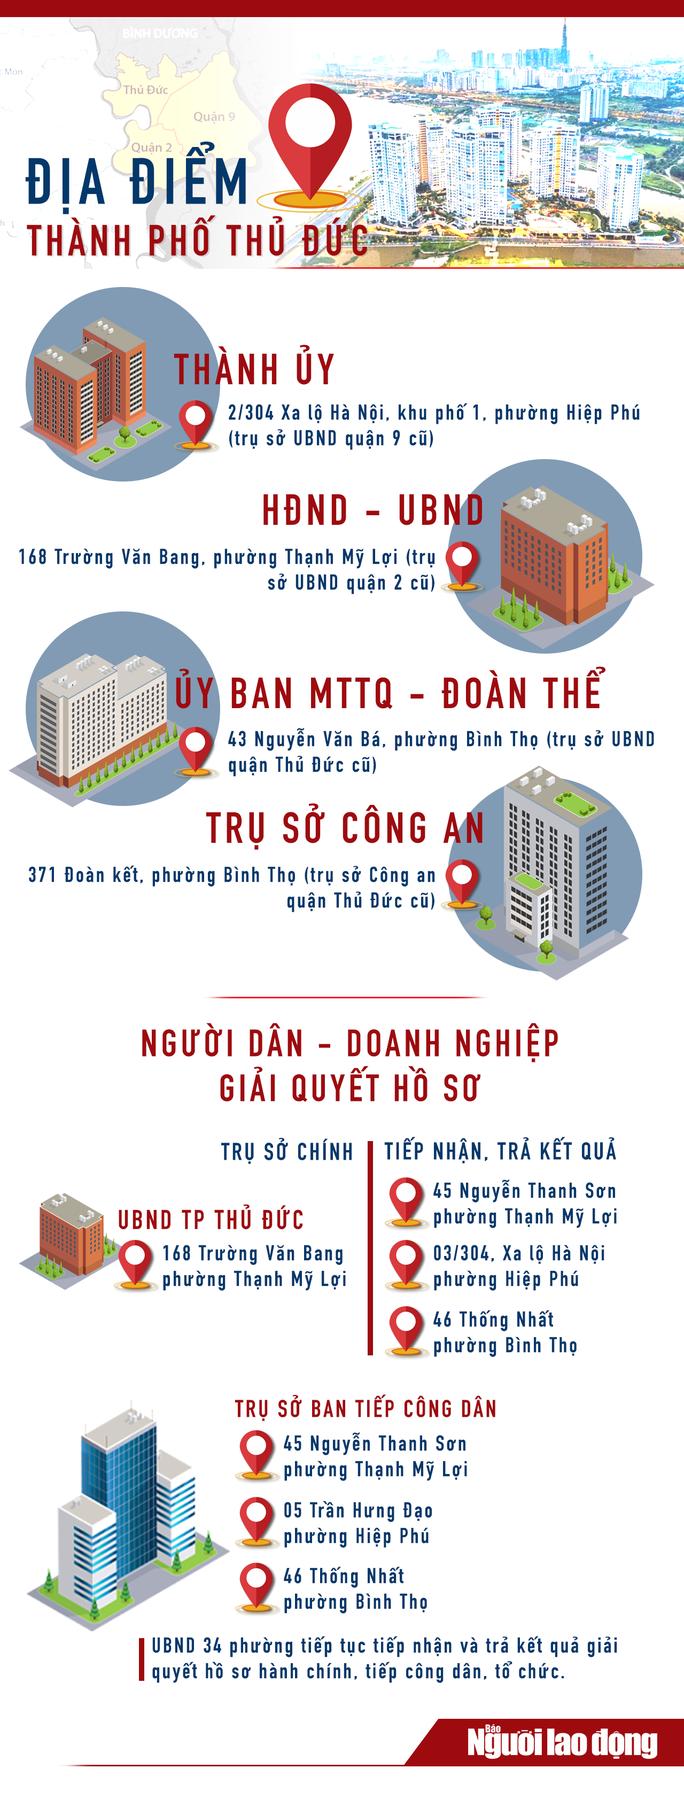 [Infographic] TP Thủ Đức: Các trụ sở cơ quan mà người dân, doanh nghiệp cần biết - Ảnh 1.